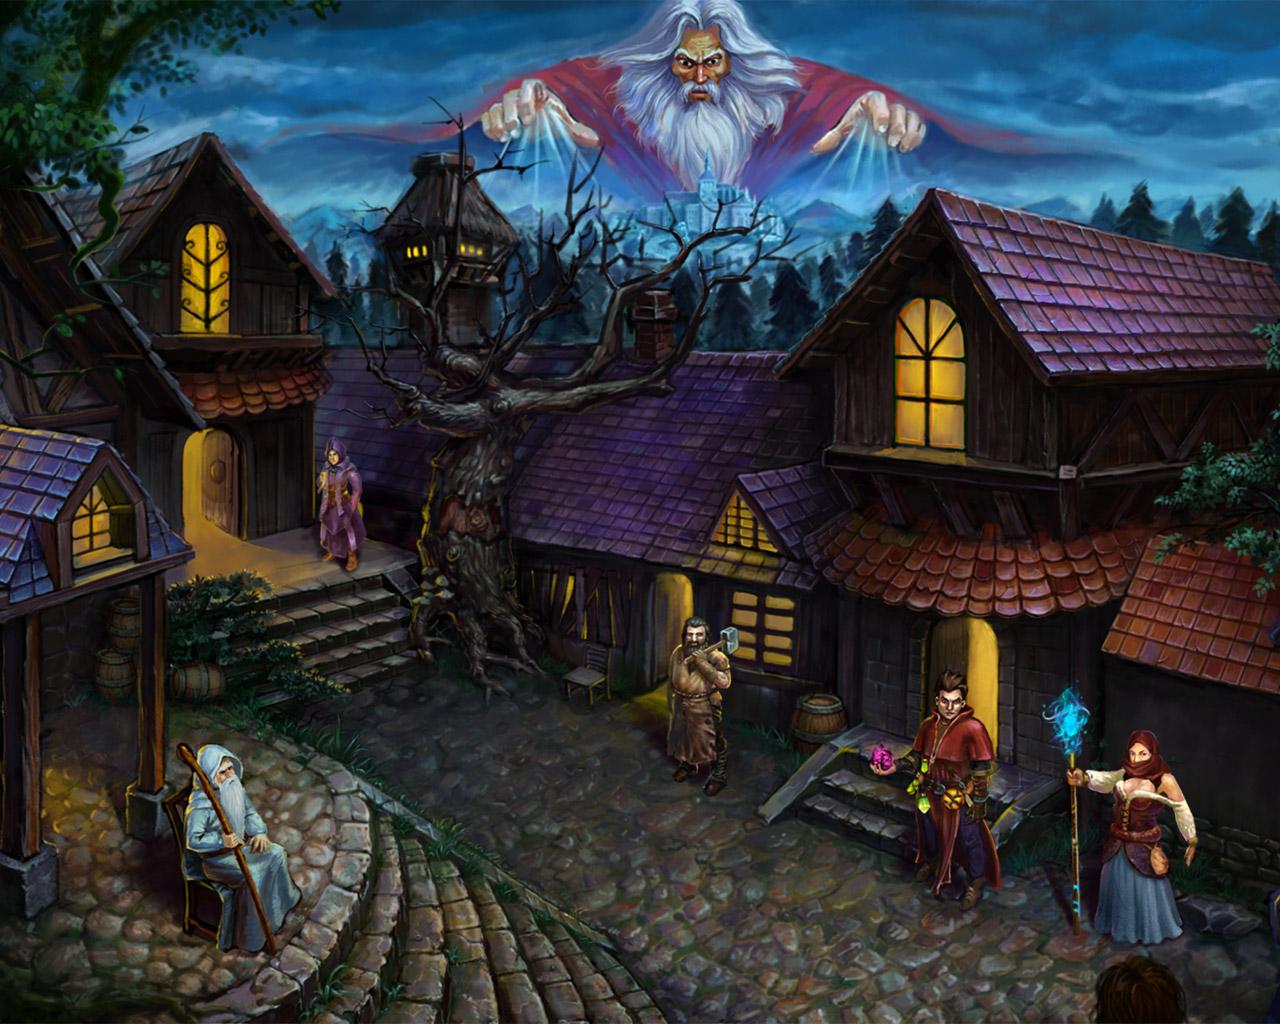 Dark Quest Wallpaper in 1280x1024